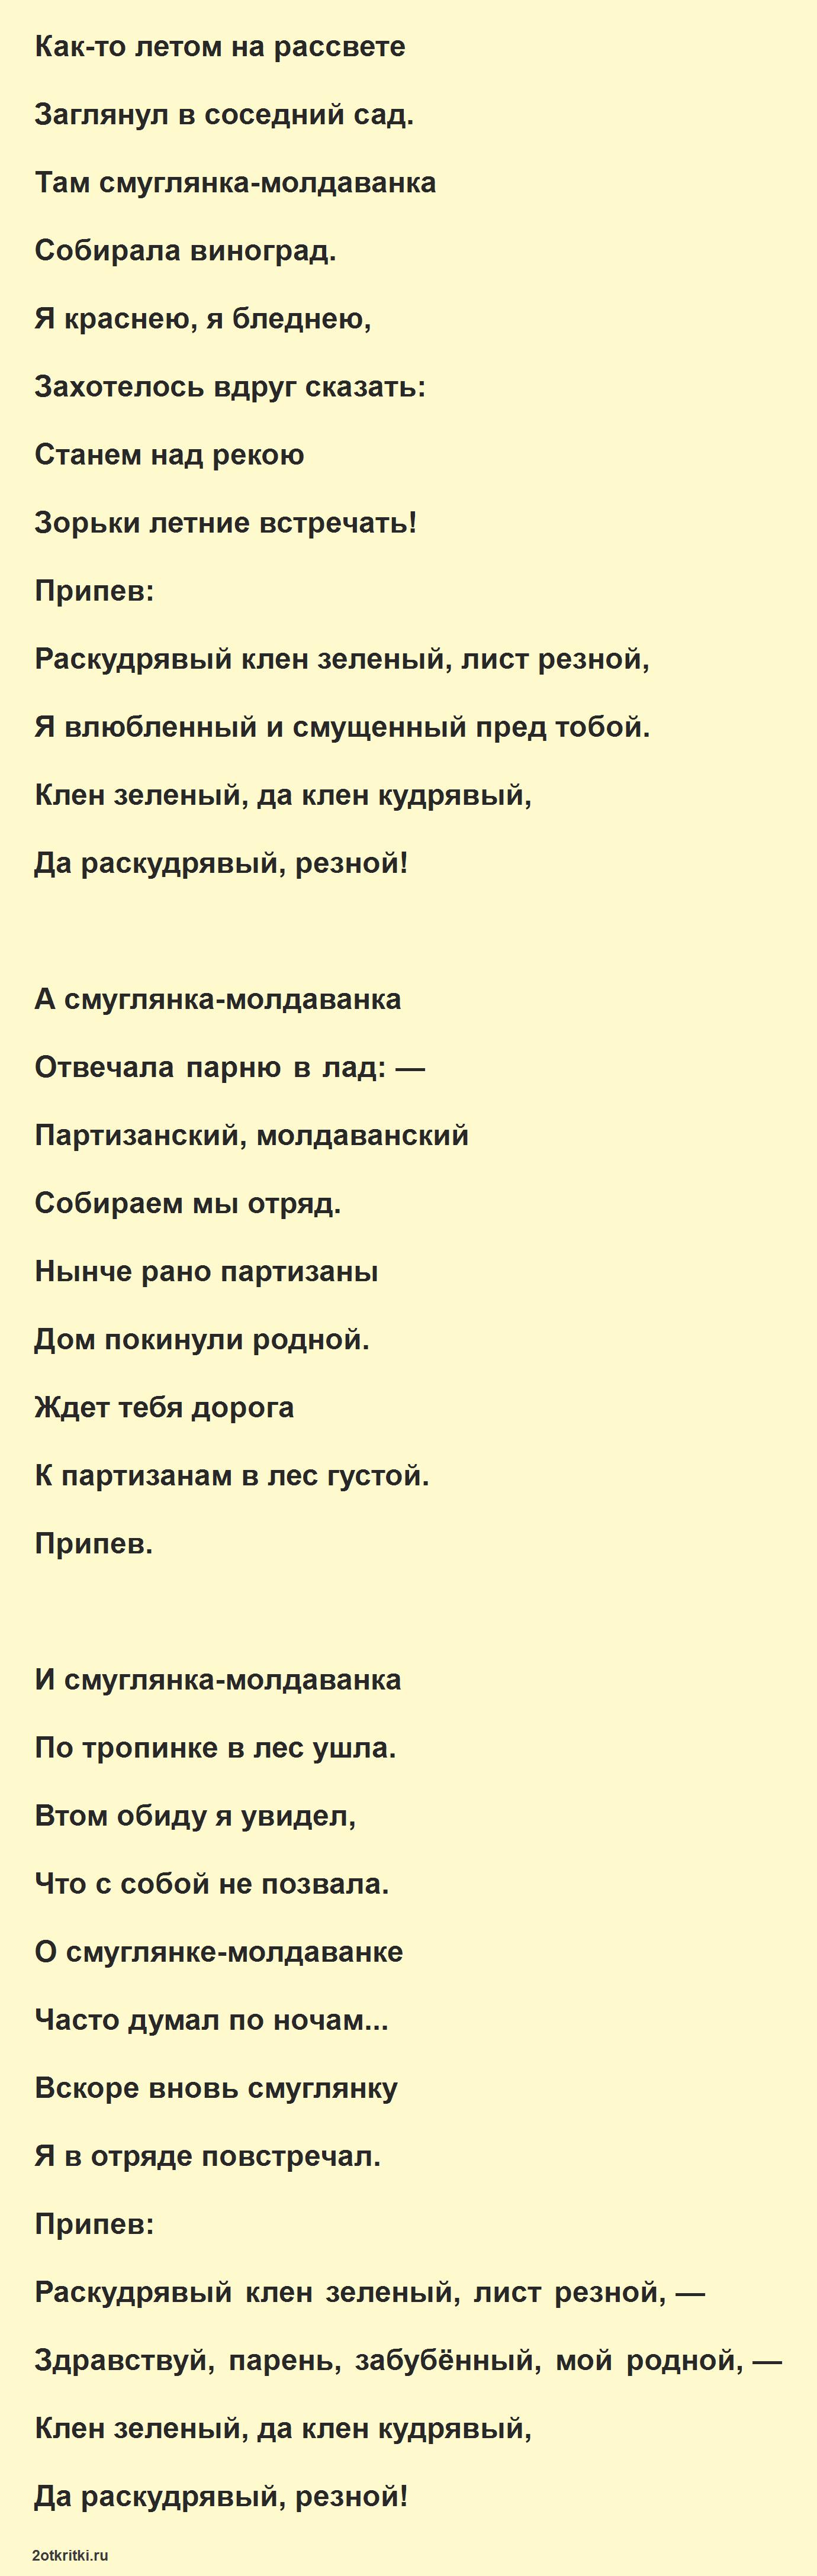 Военные песни текст - Смуглянка